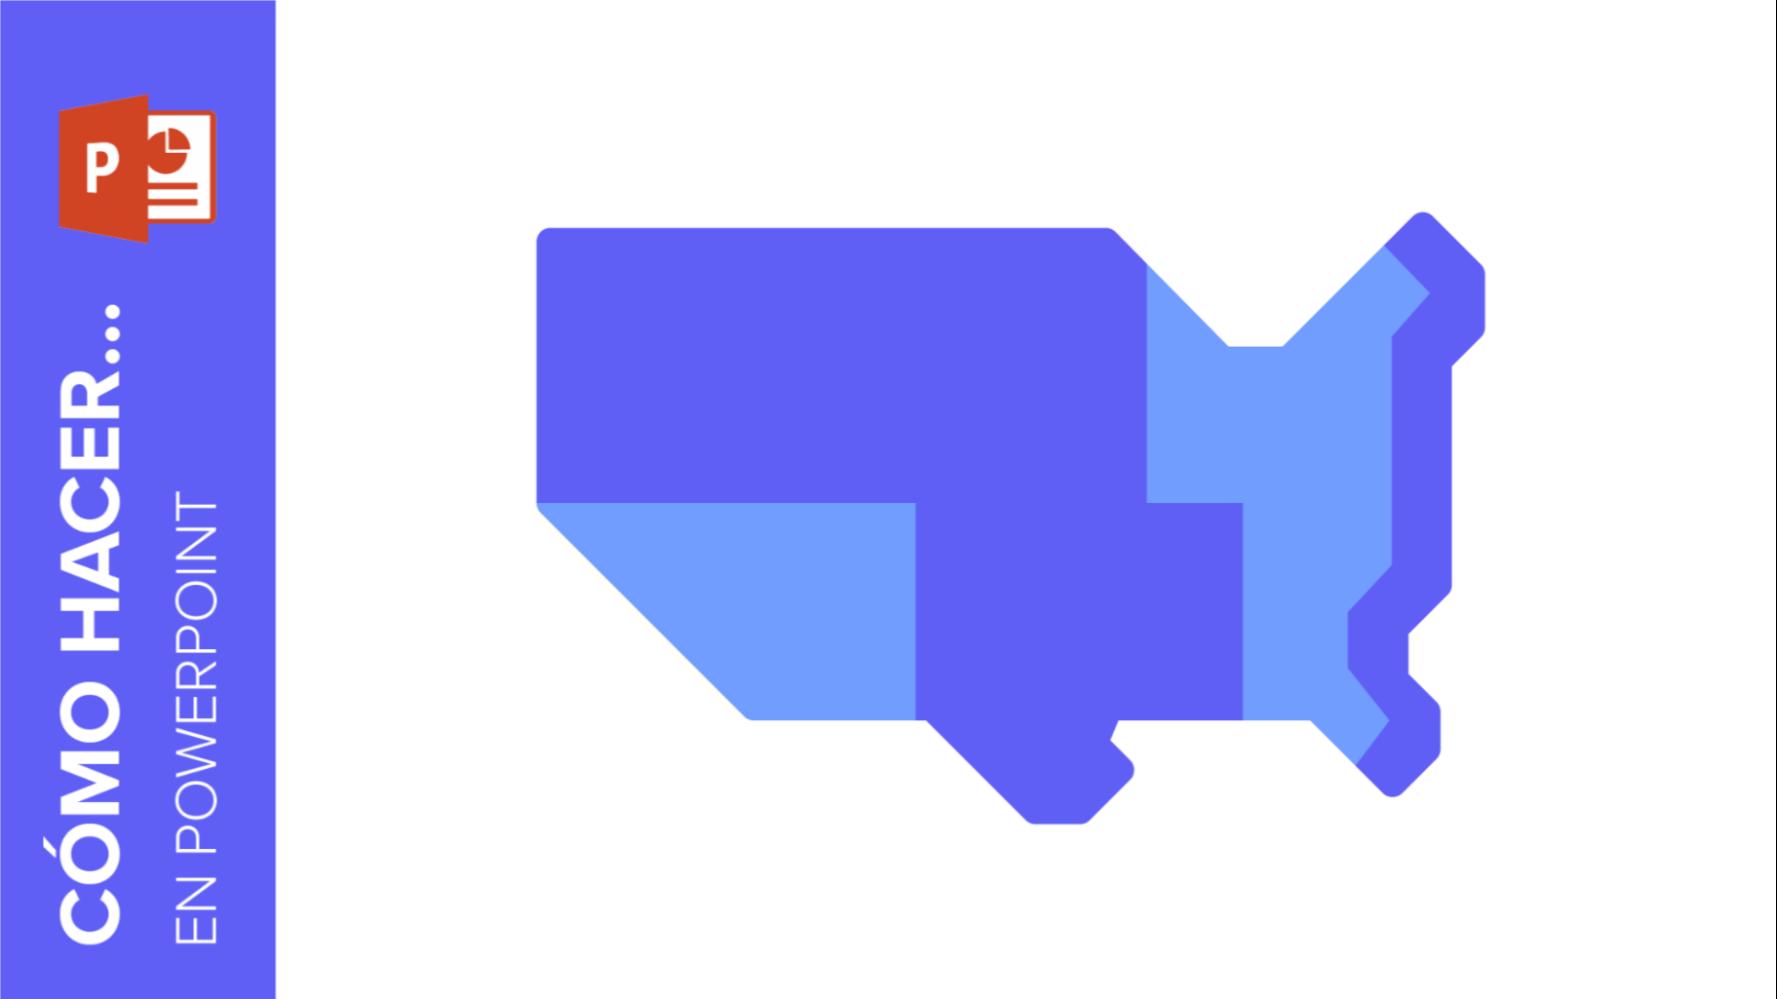 Cómo crear y modificar mapas en PowerPoint | Tutoriales y Tips para tus presentaciones